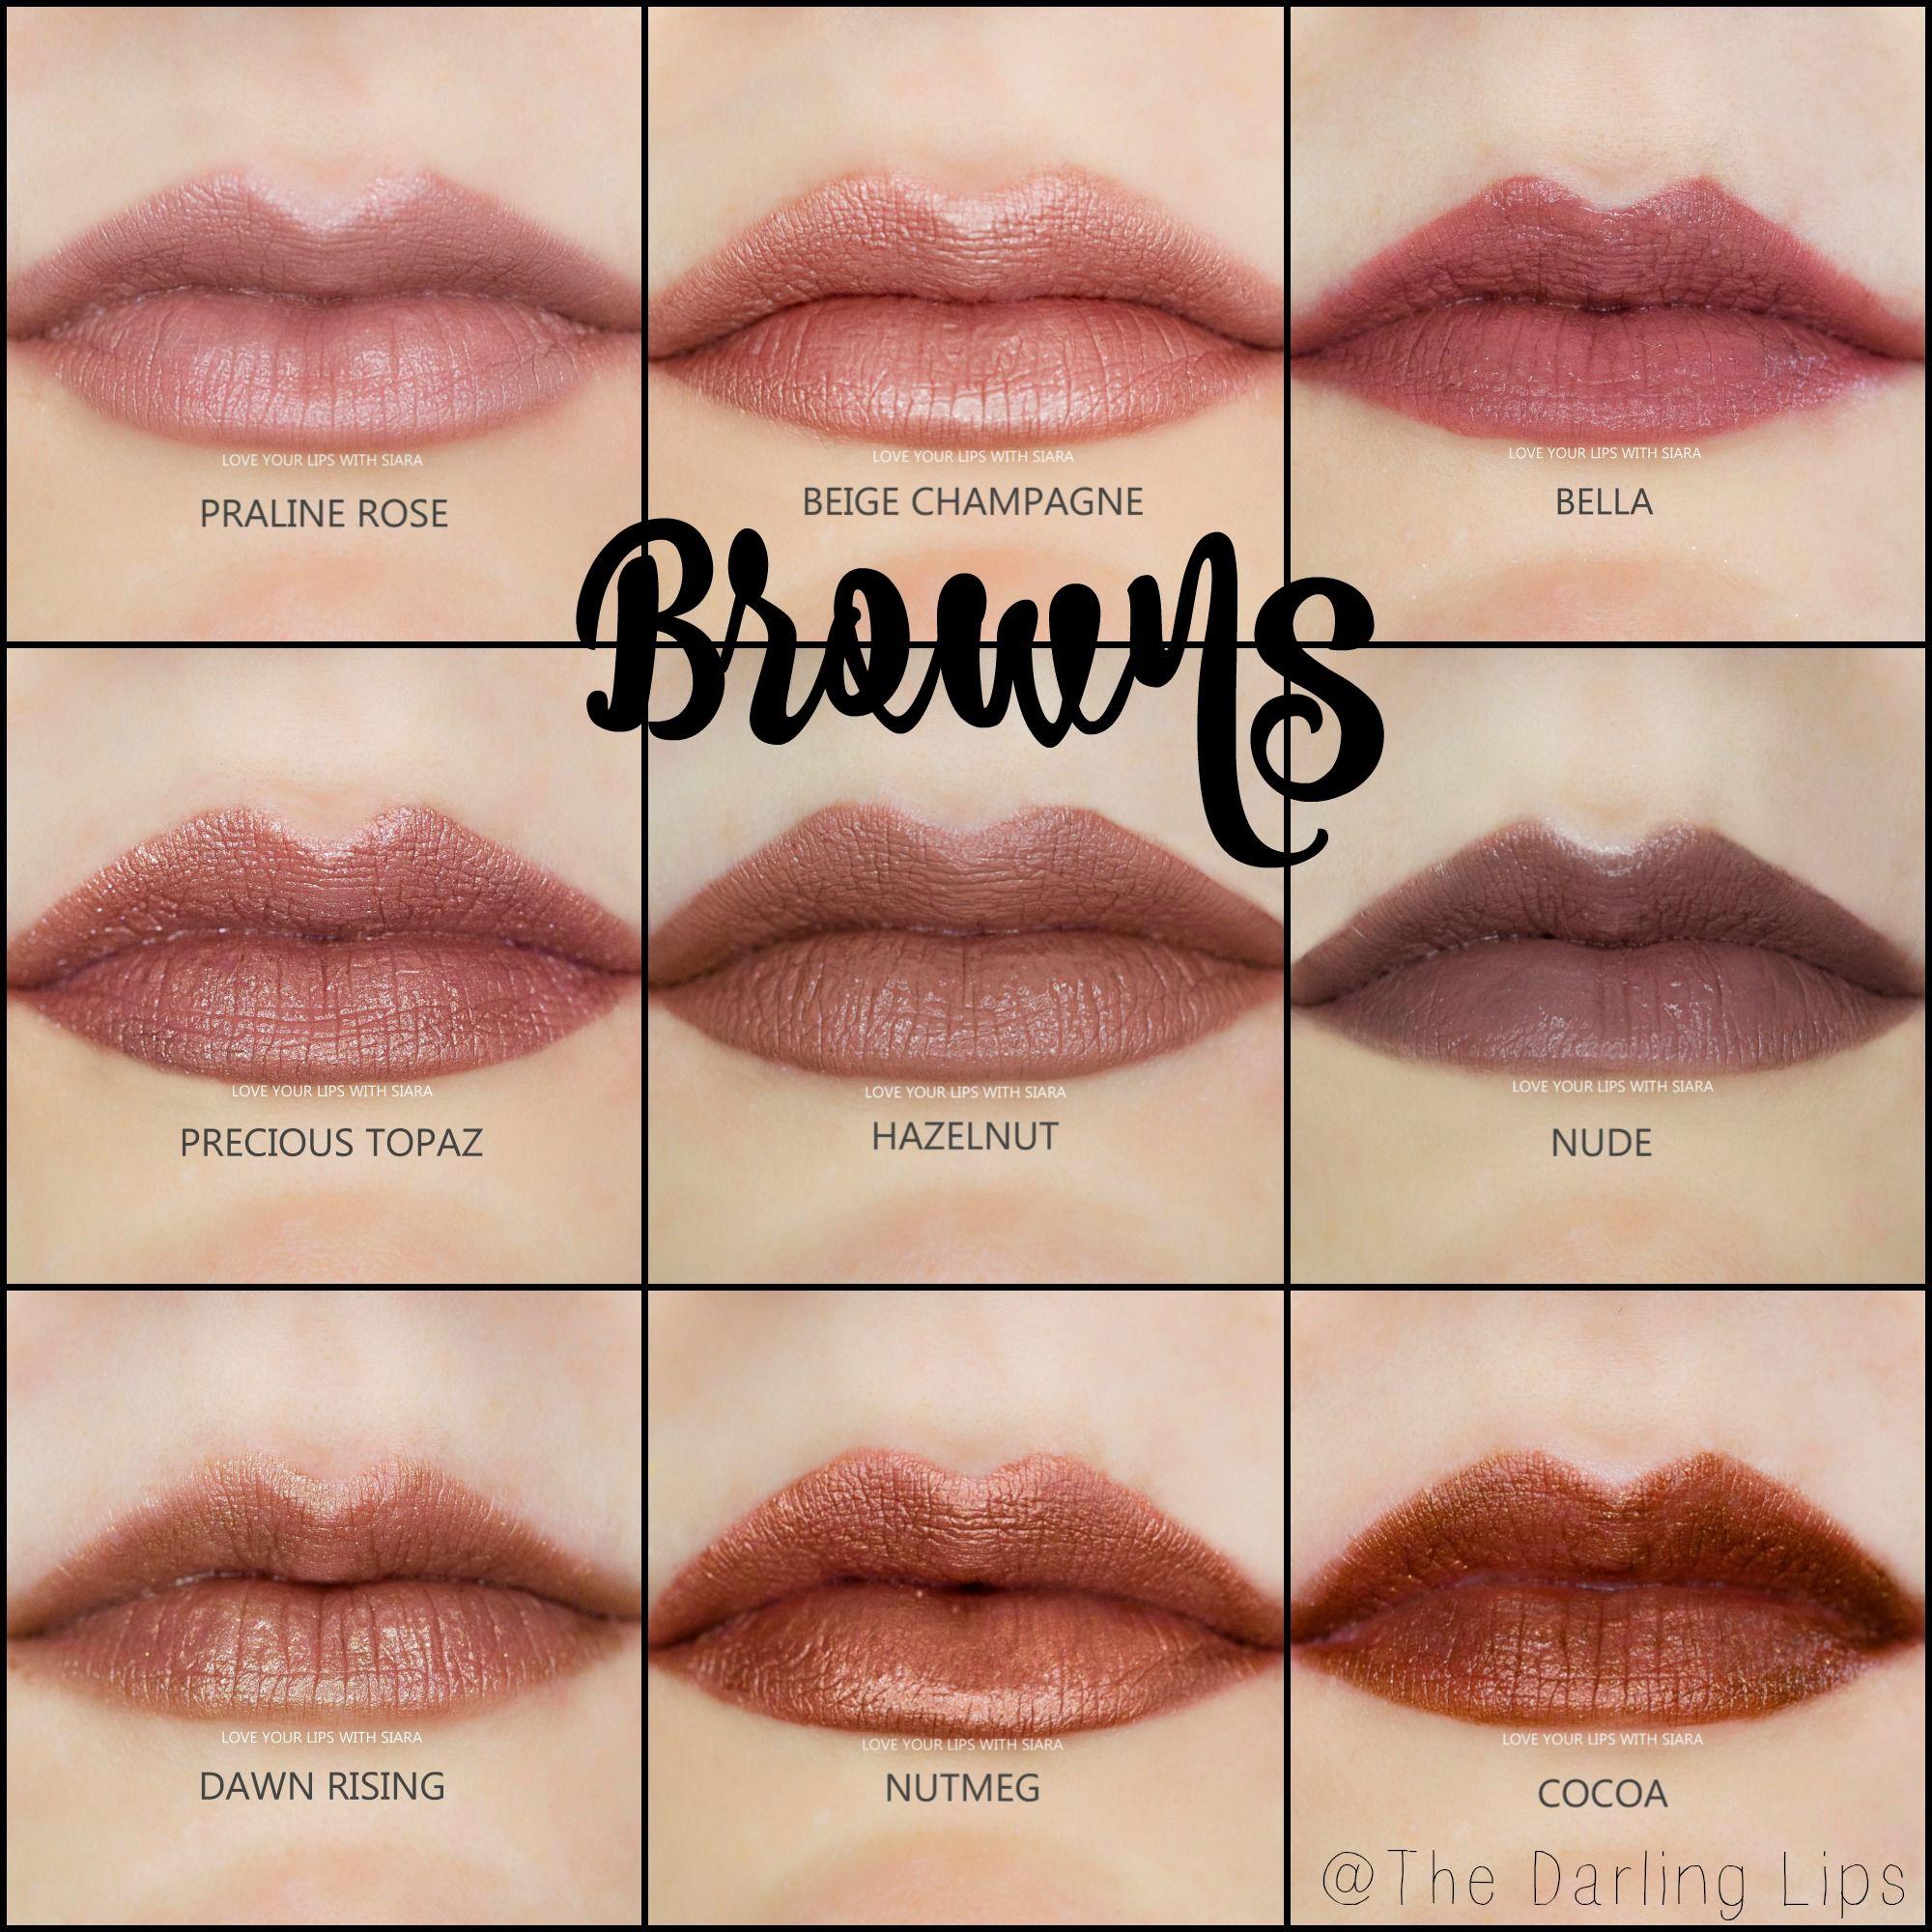 Lipsense Brown Color Profile Collage Praline Rose Beige Champagne